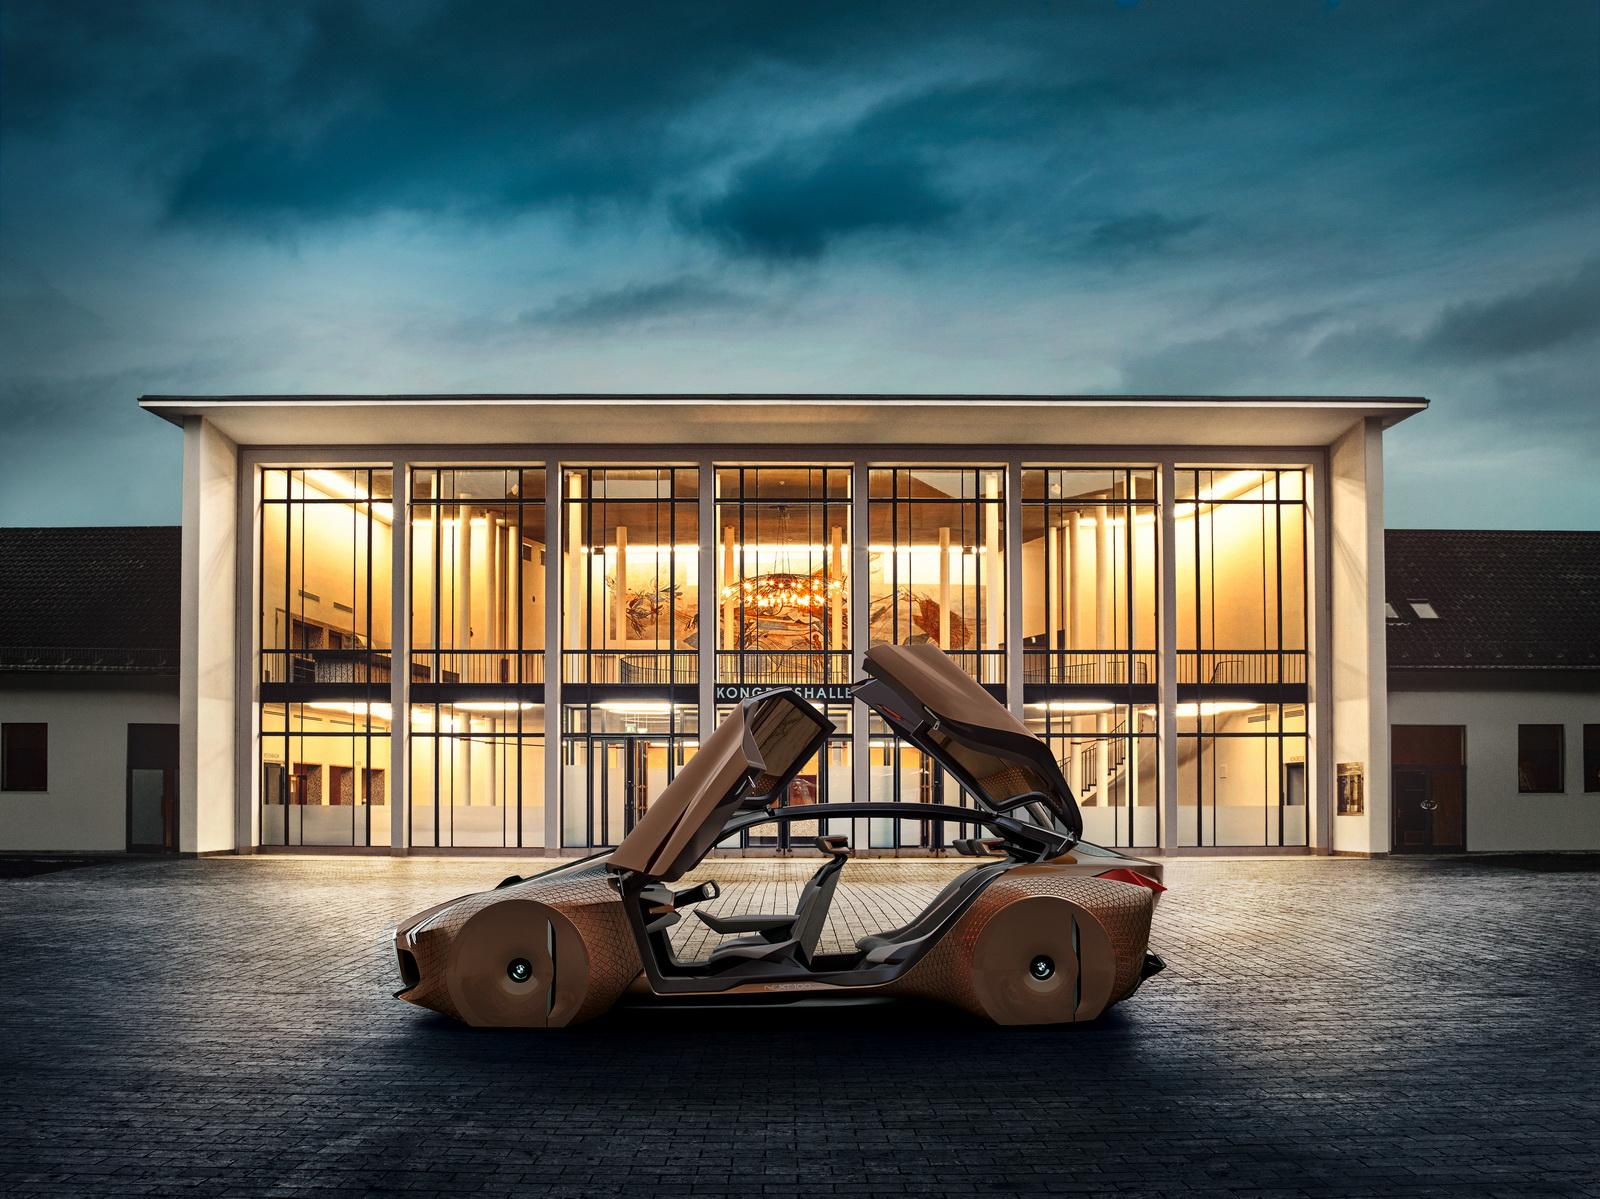 2016-BMWVision100-25.jpg